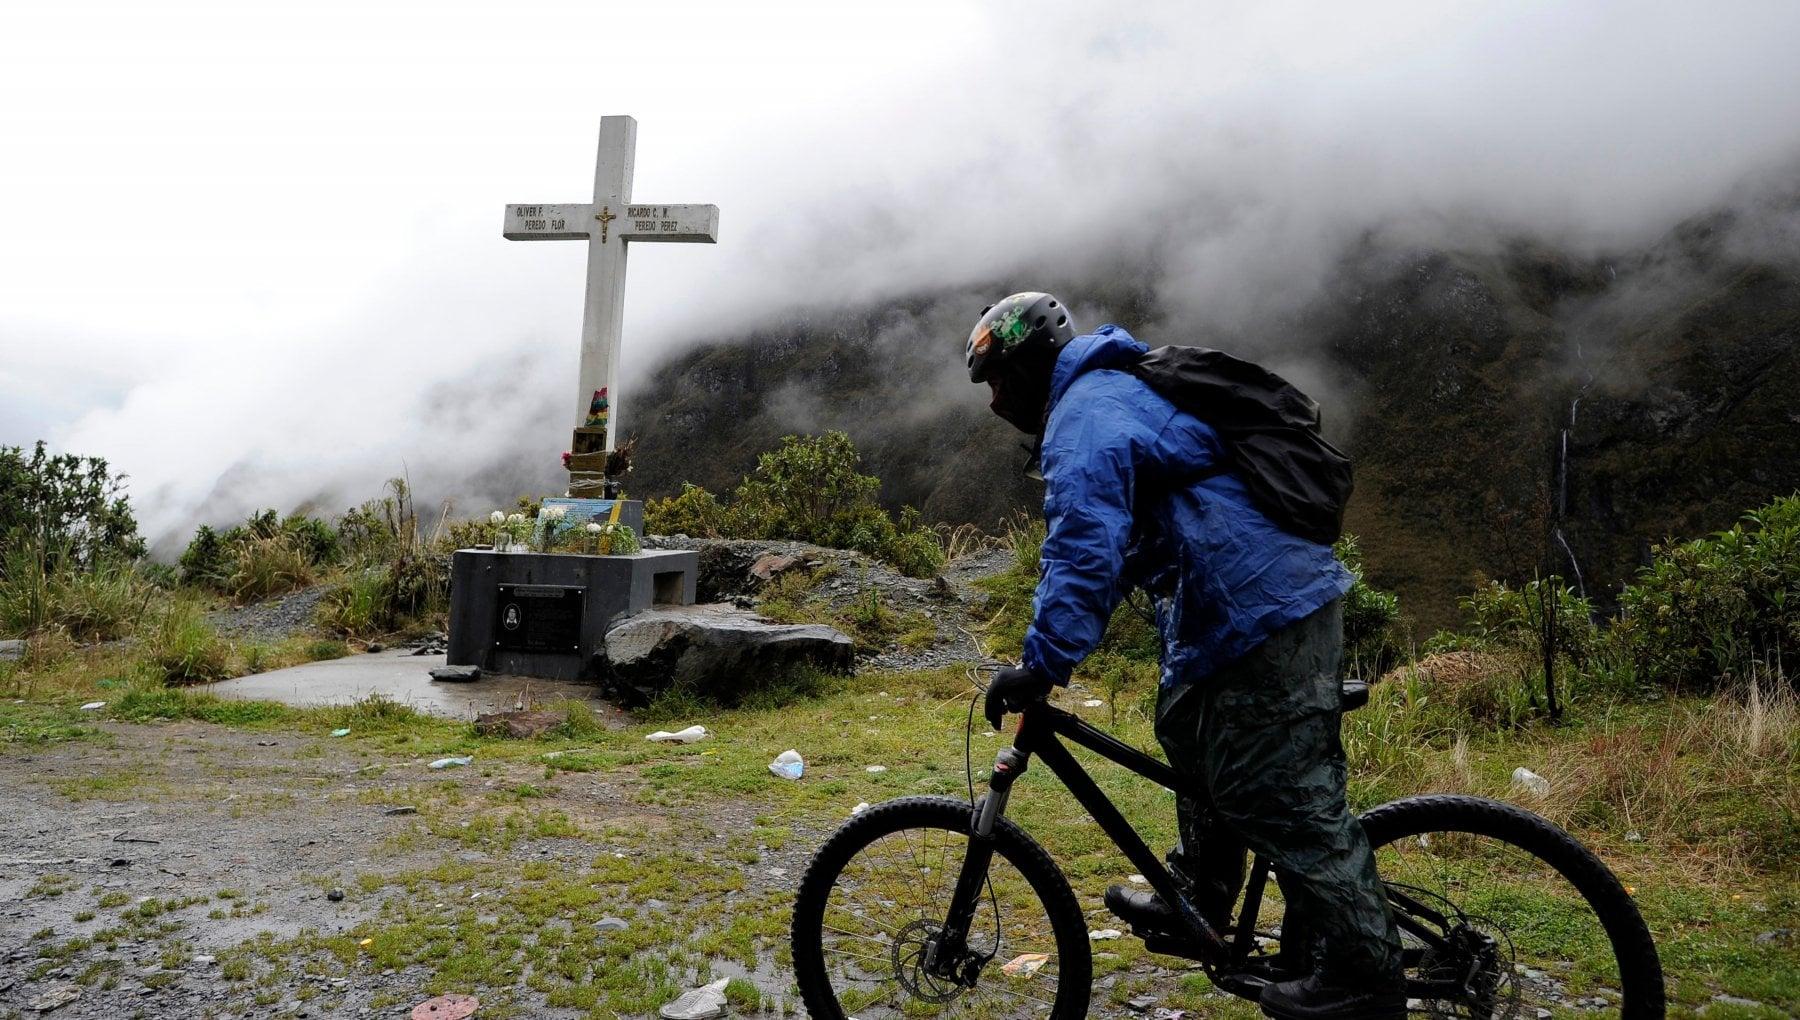 Ferie obbligate ai dipendenti pubblici purche facciano vacanza in patria. Lidea della Bolivia per rilanciare il turismo